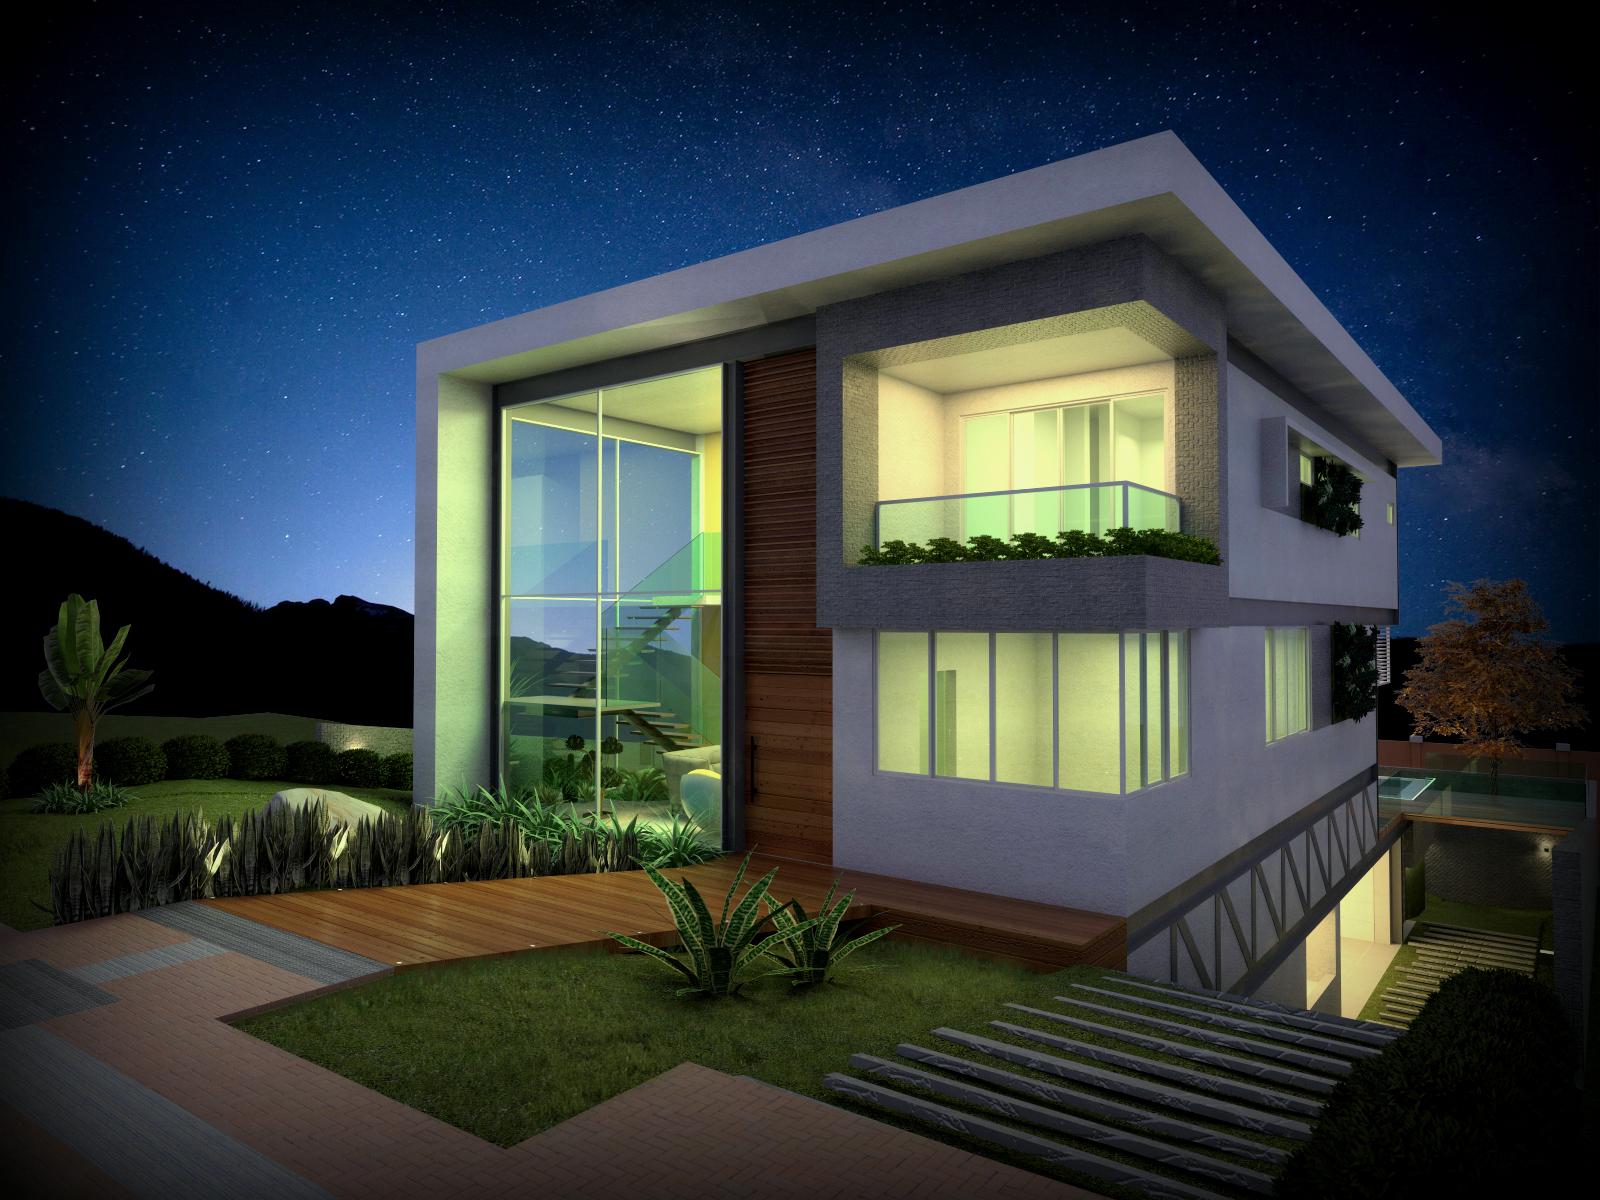 Casa da Colina Noite - 01.jpg